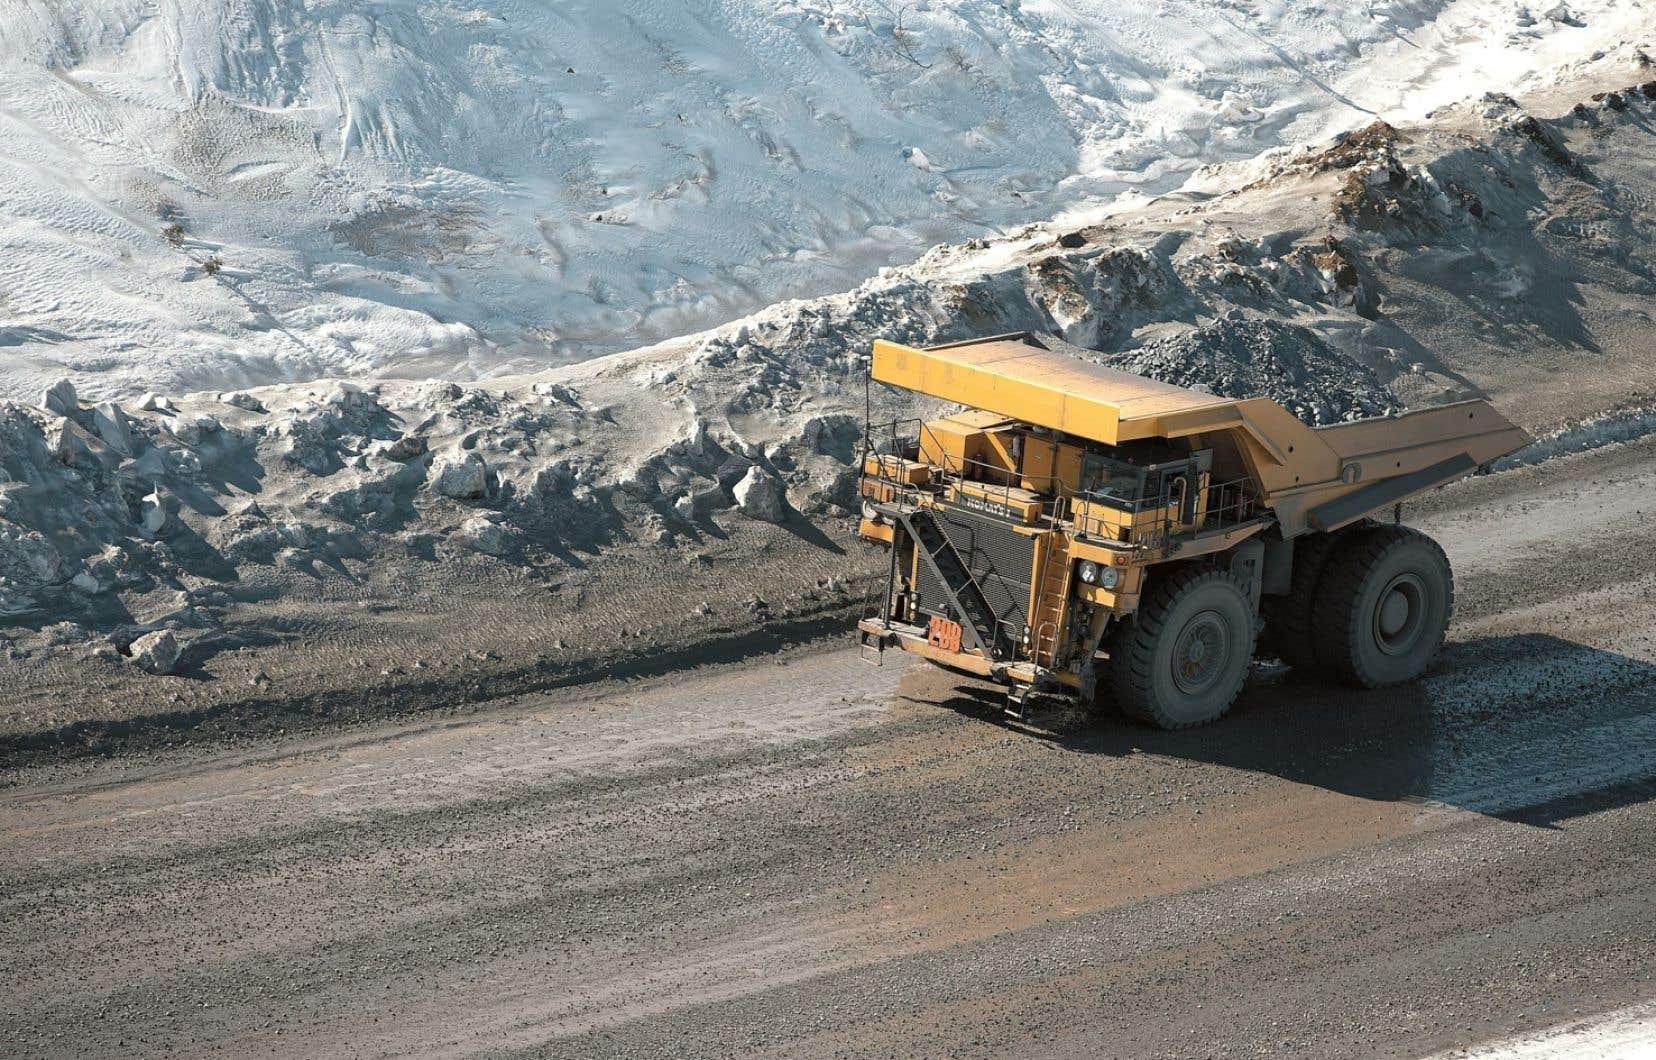 Les redevances versées par les entreprises pour l'année 2014-2015 représenteront 1,5 % de la valeur brute des ressources.